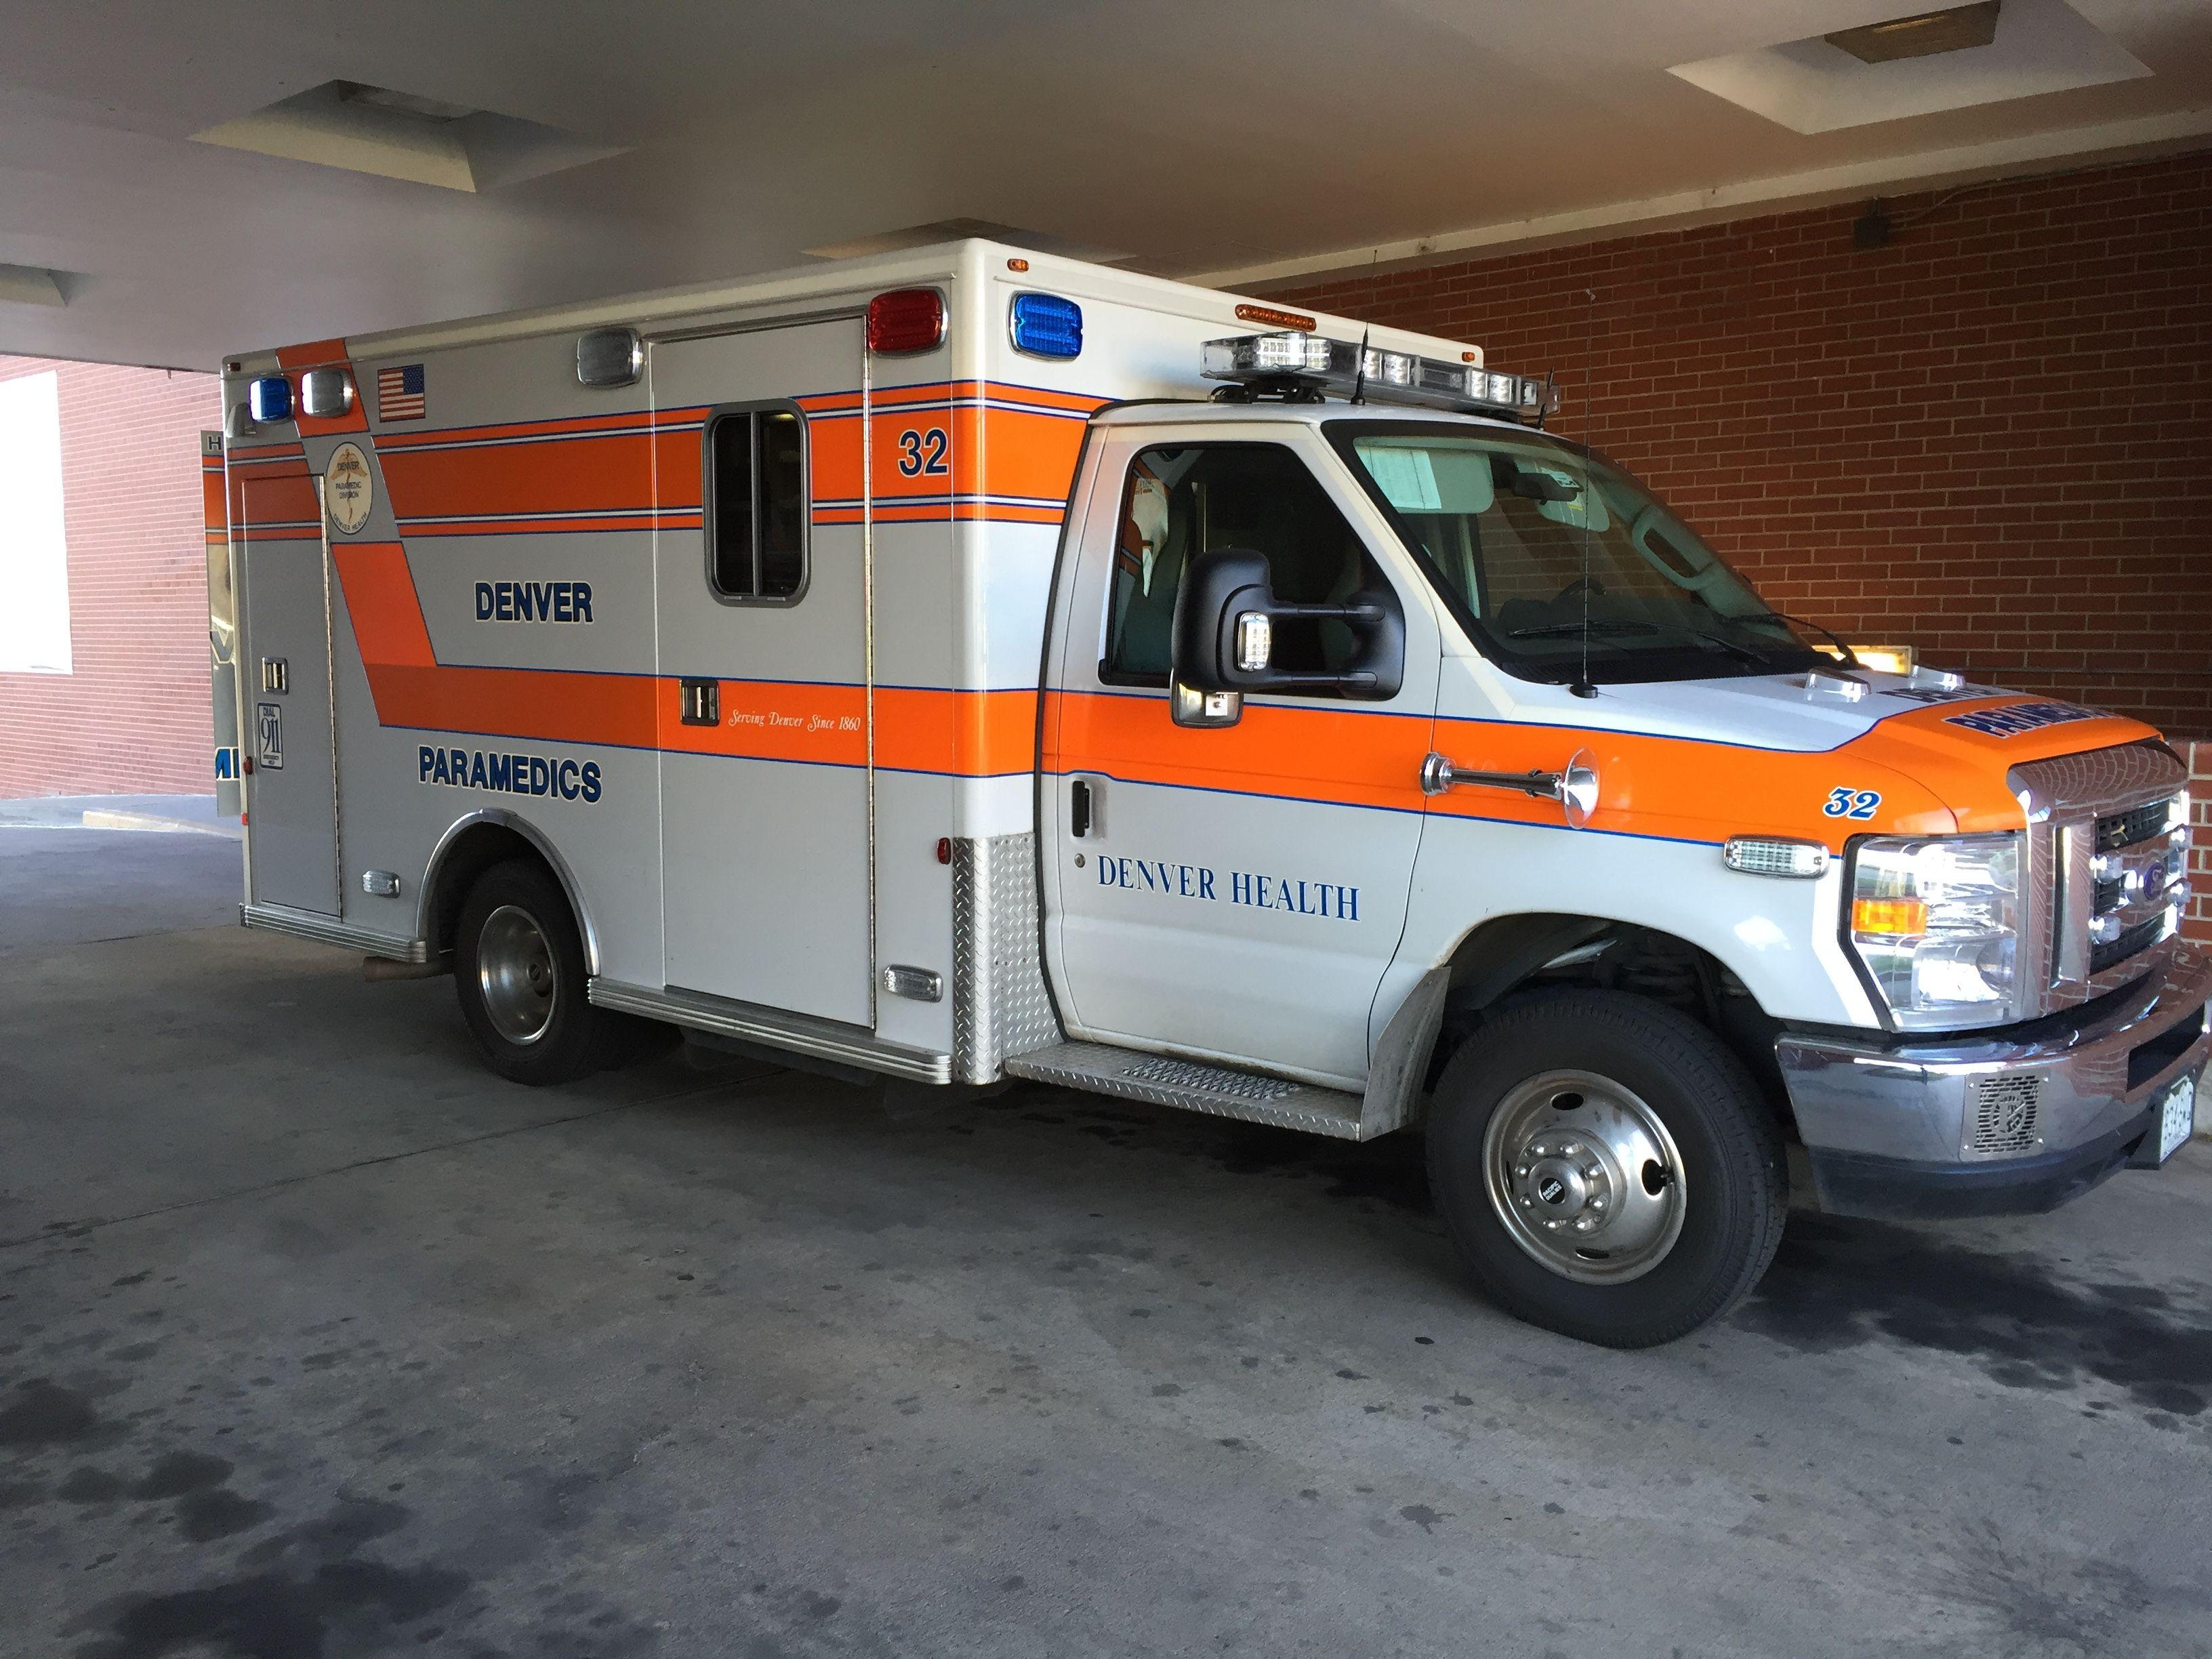 Denver health paramedics 32 ford e 350